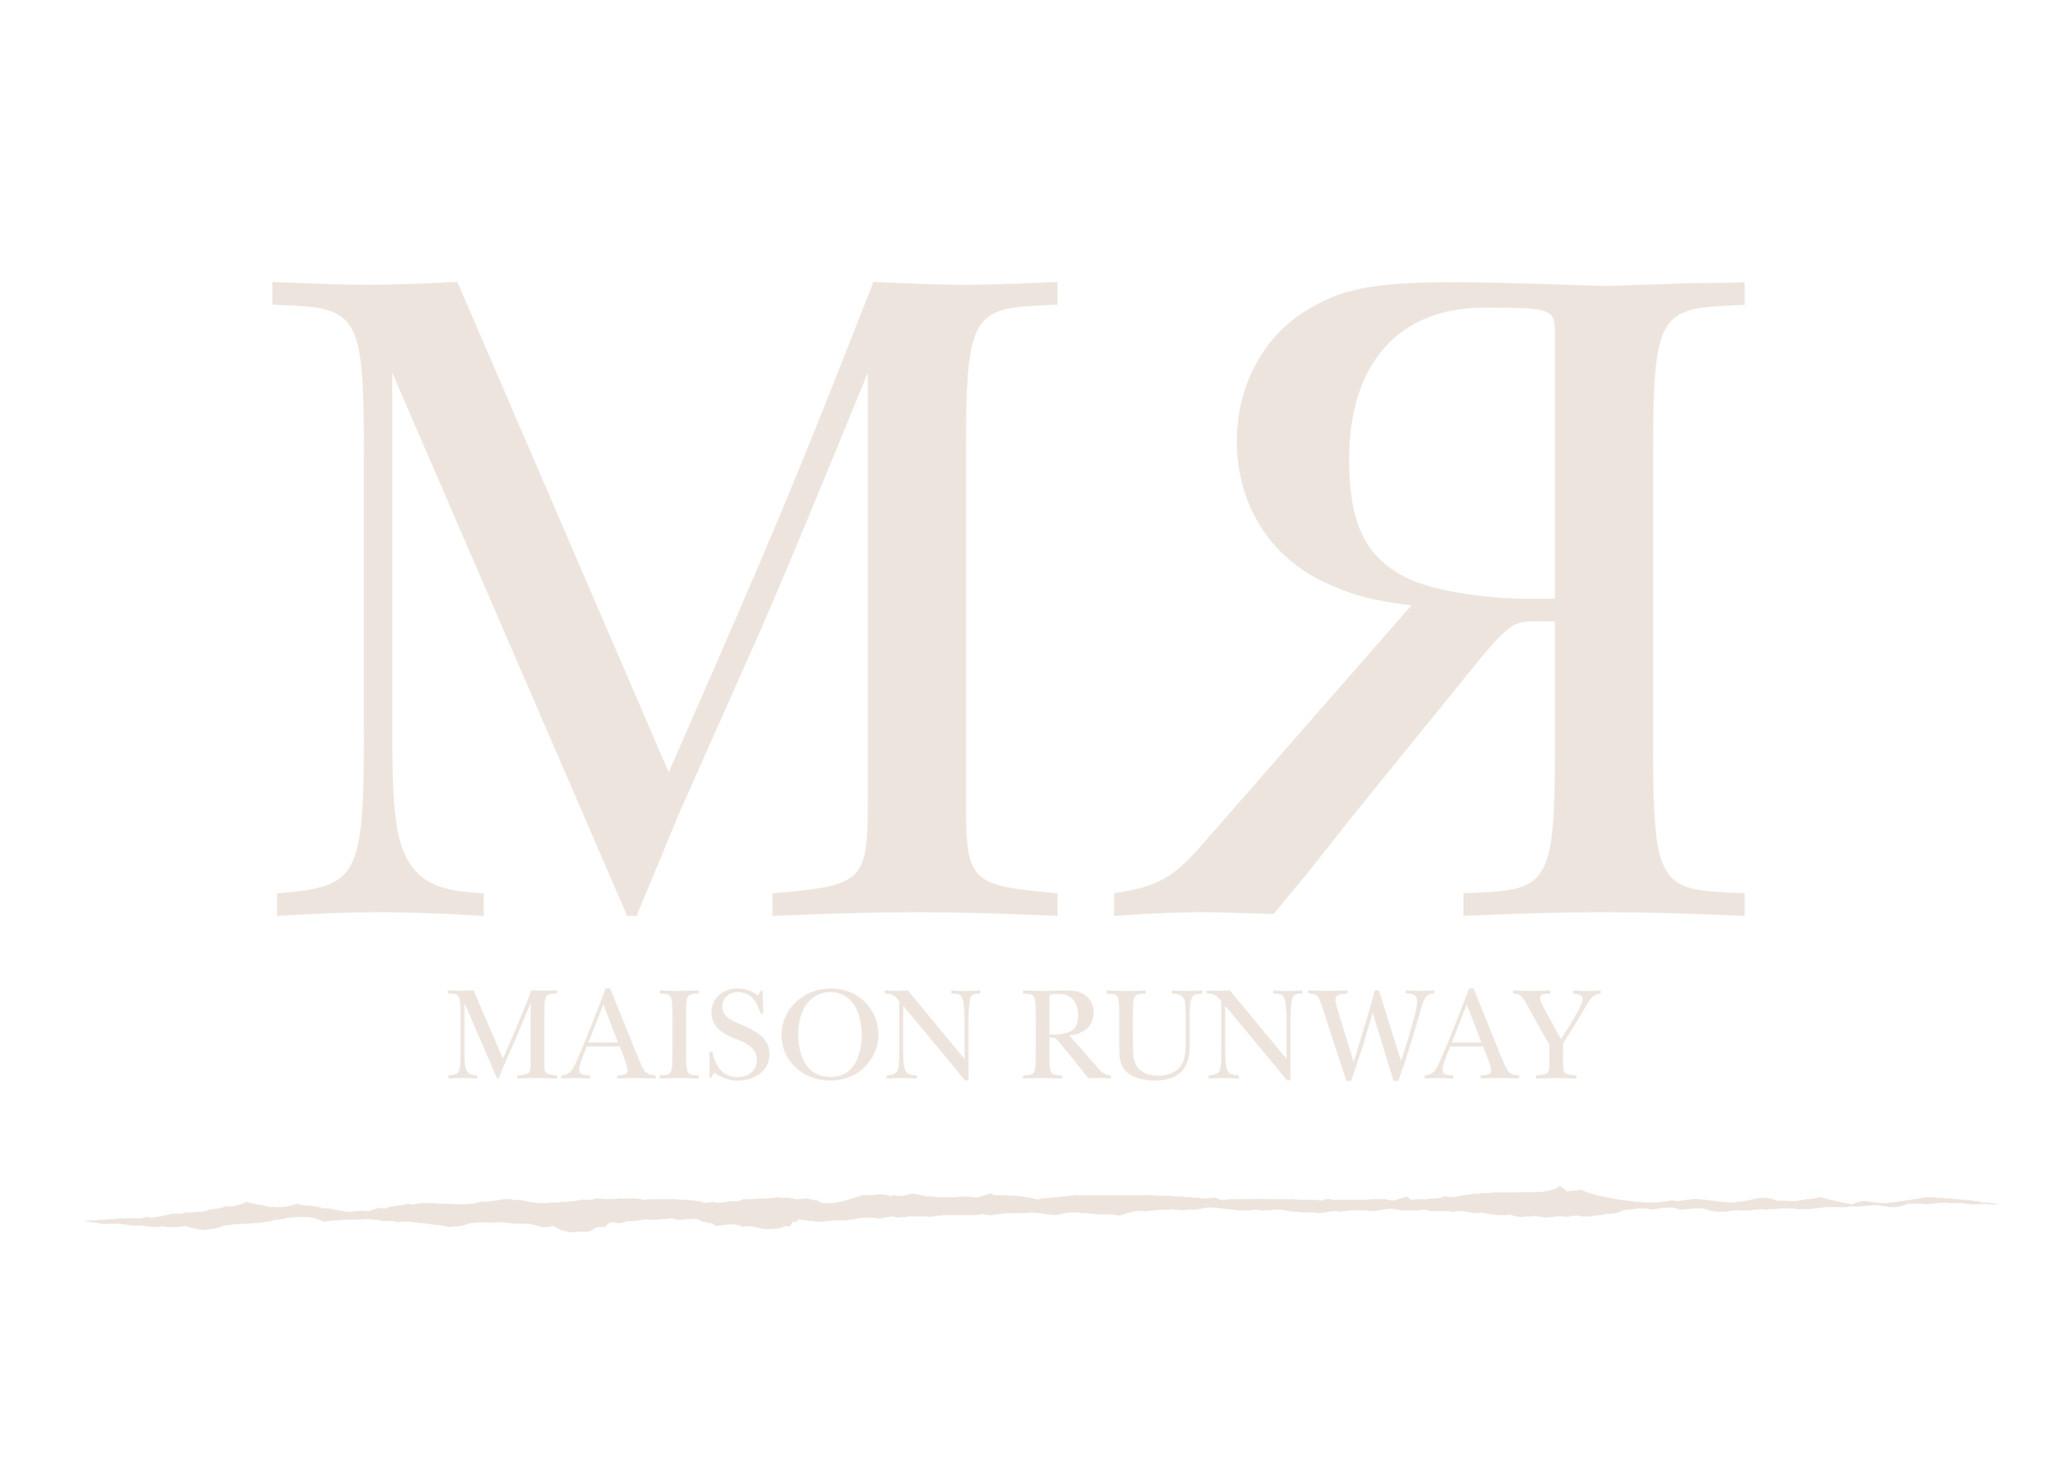 Maison Runway